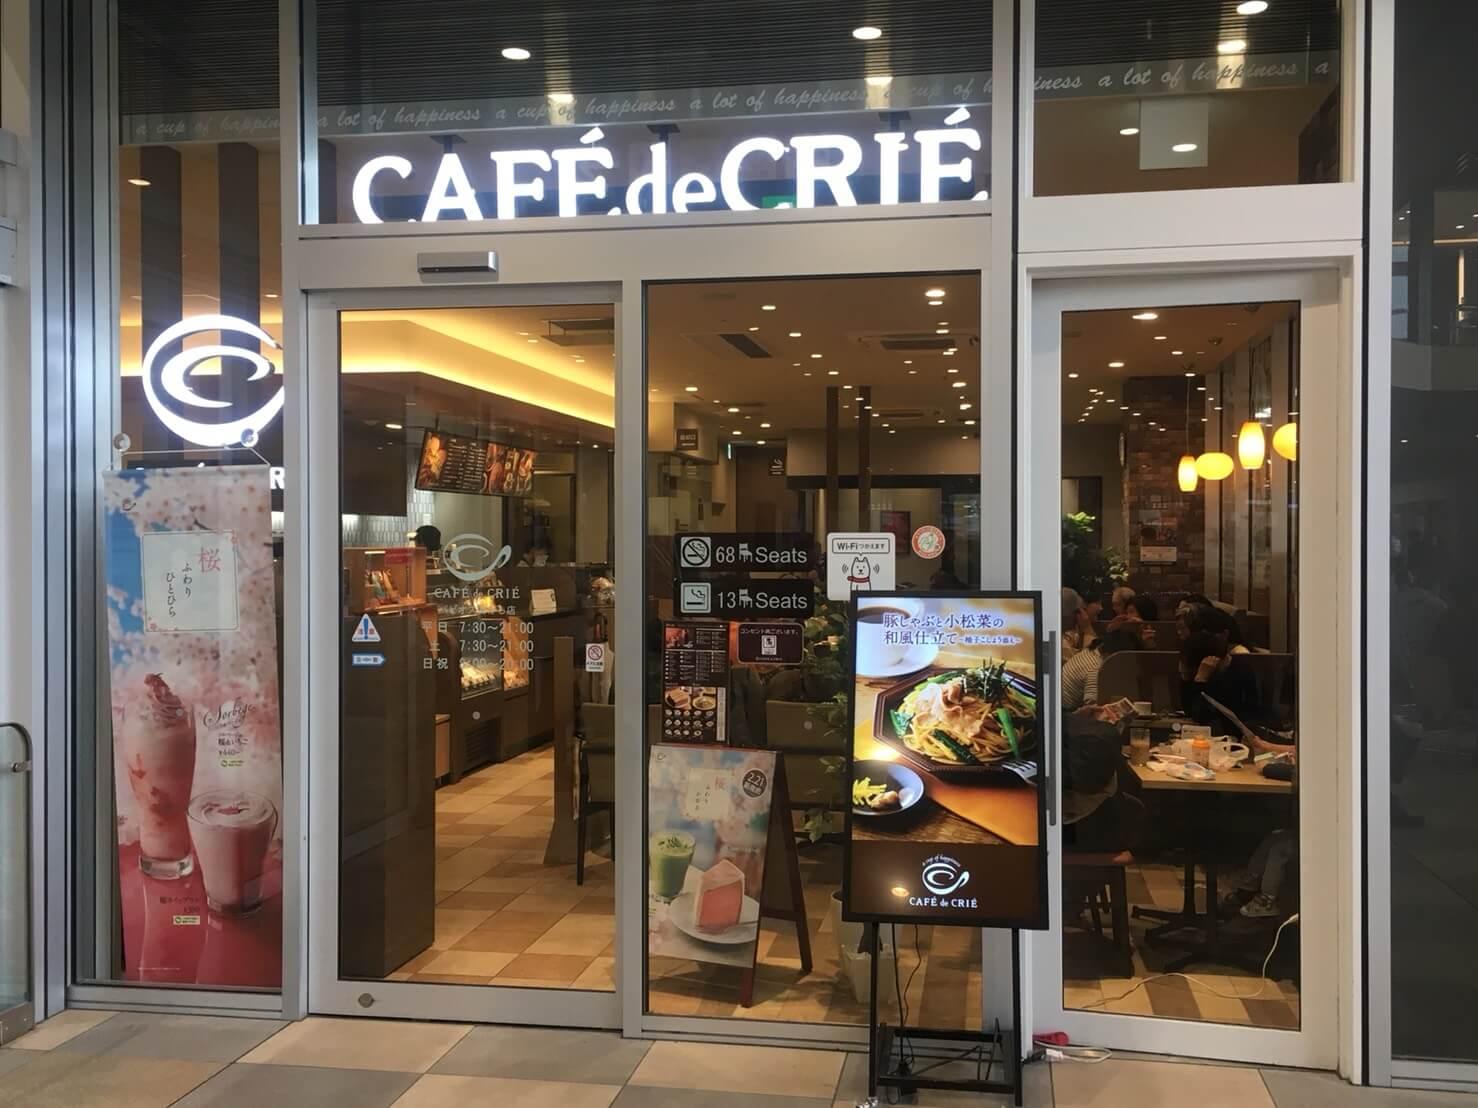 明石の勉強できるカフェ カフェドクリエ